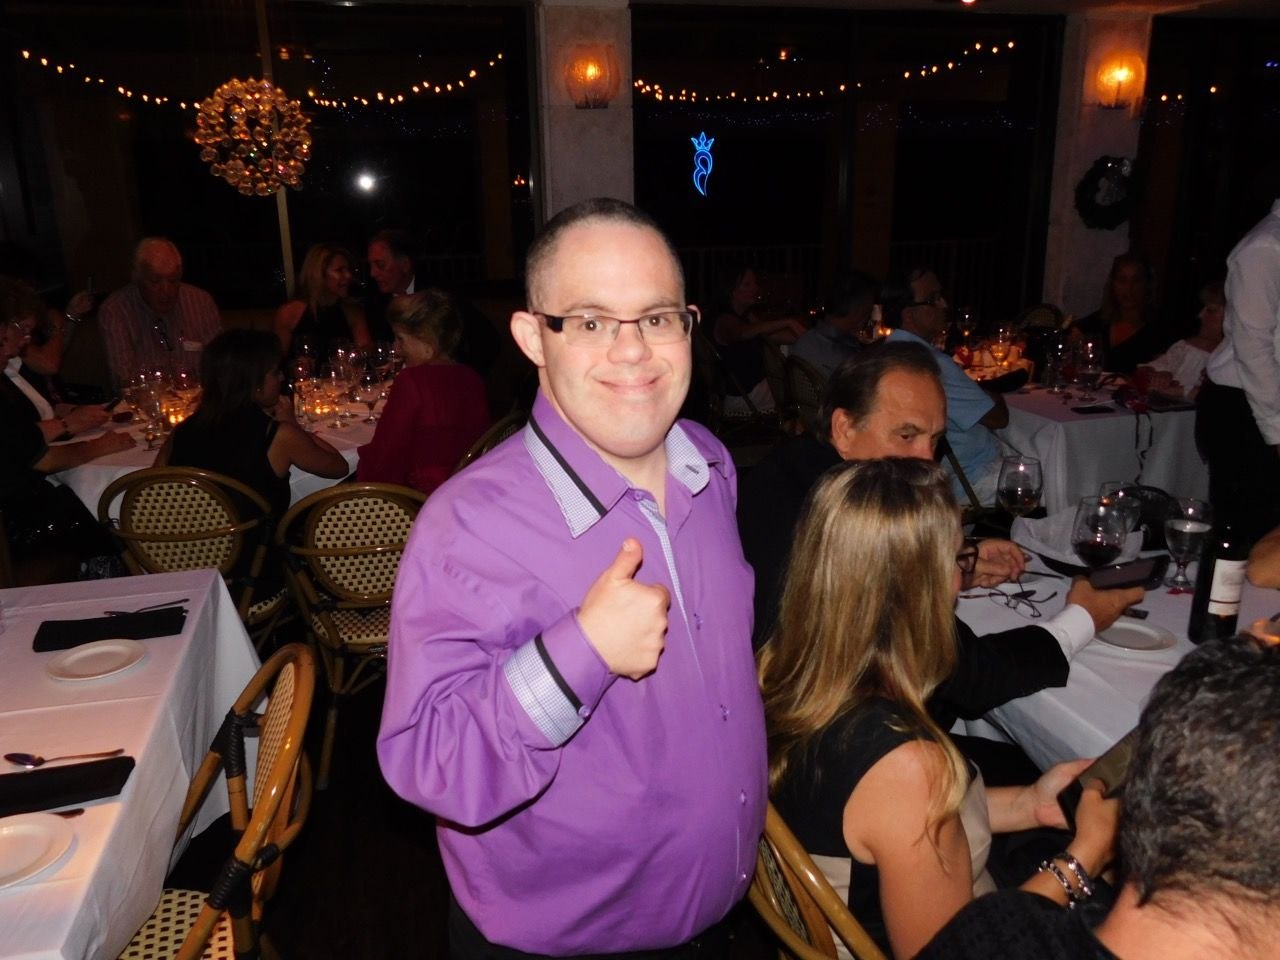 Richard Marchand lors du souper de Noël de la CCQF (Chambre de commerce Québec Floride)